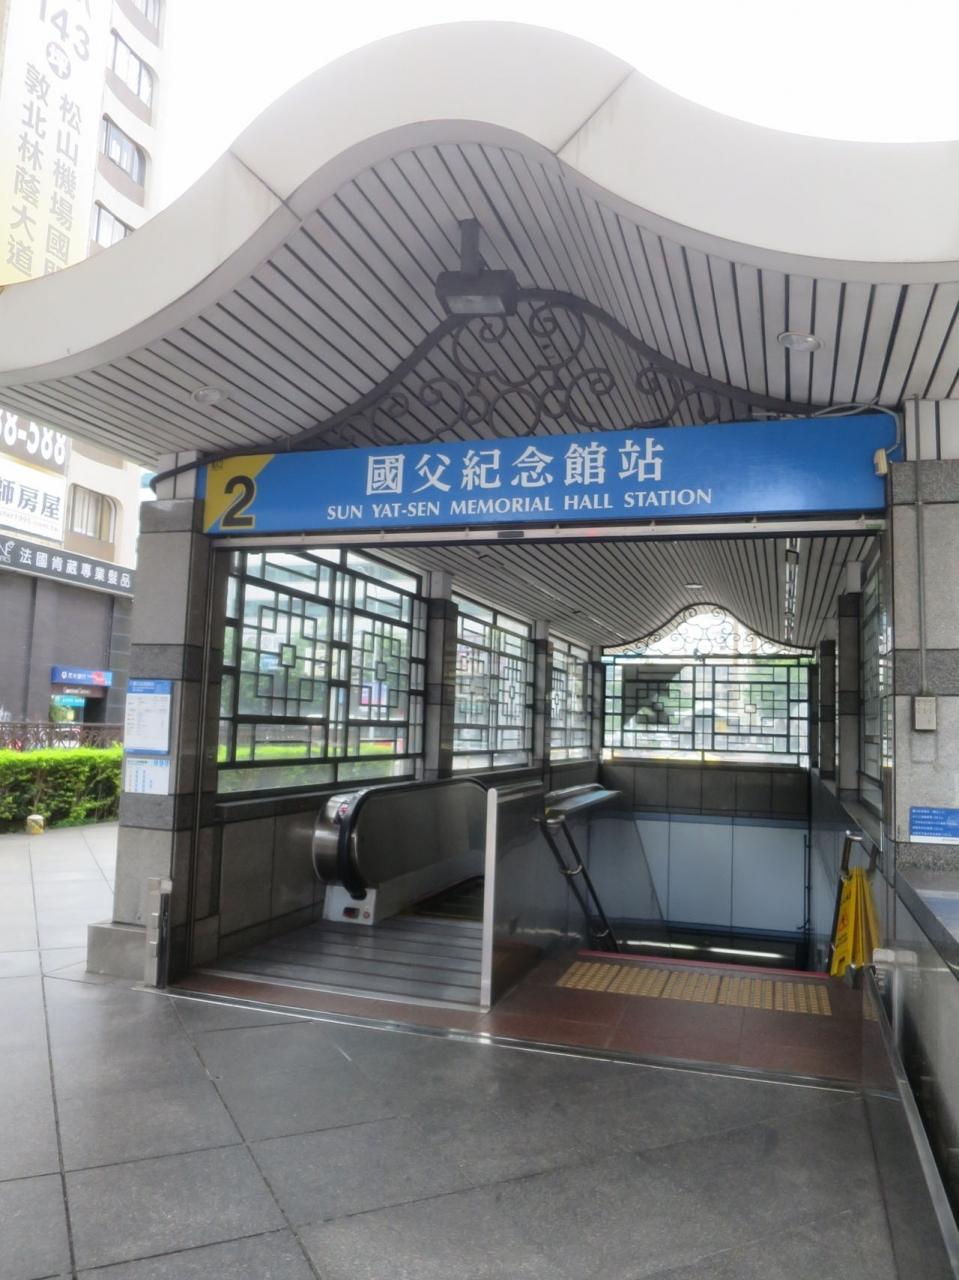 国父紀念館駅からMRTに乗ります。 台北駅へ向かいます。